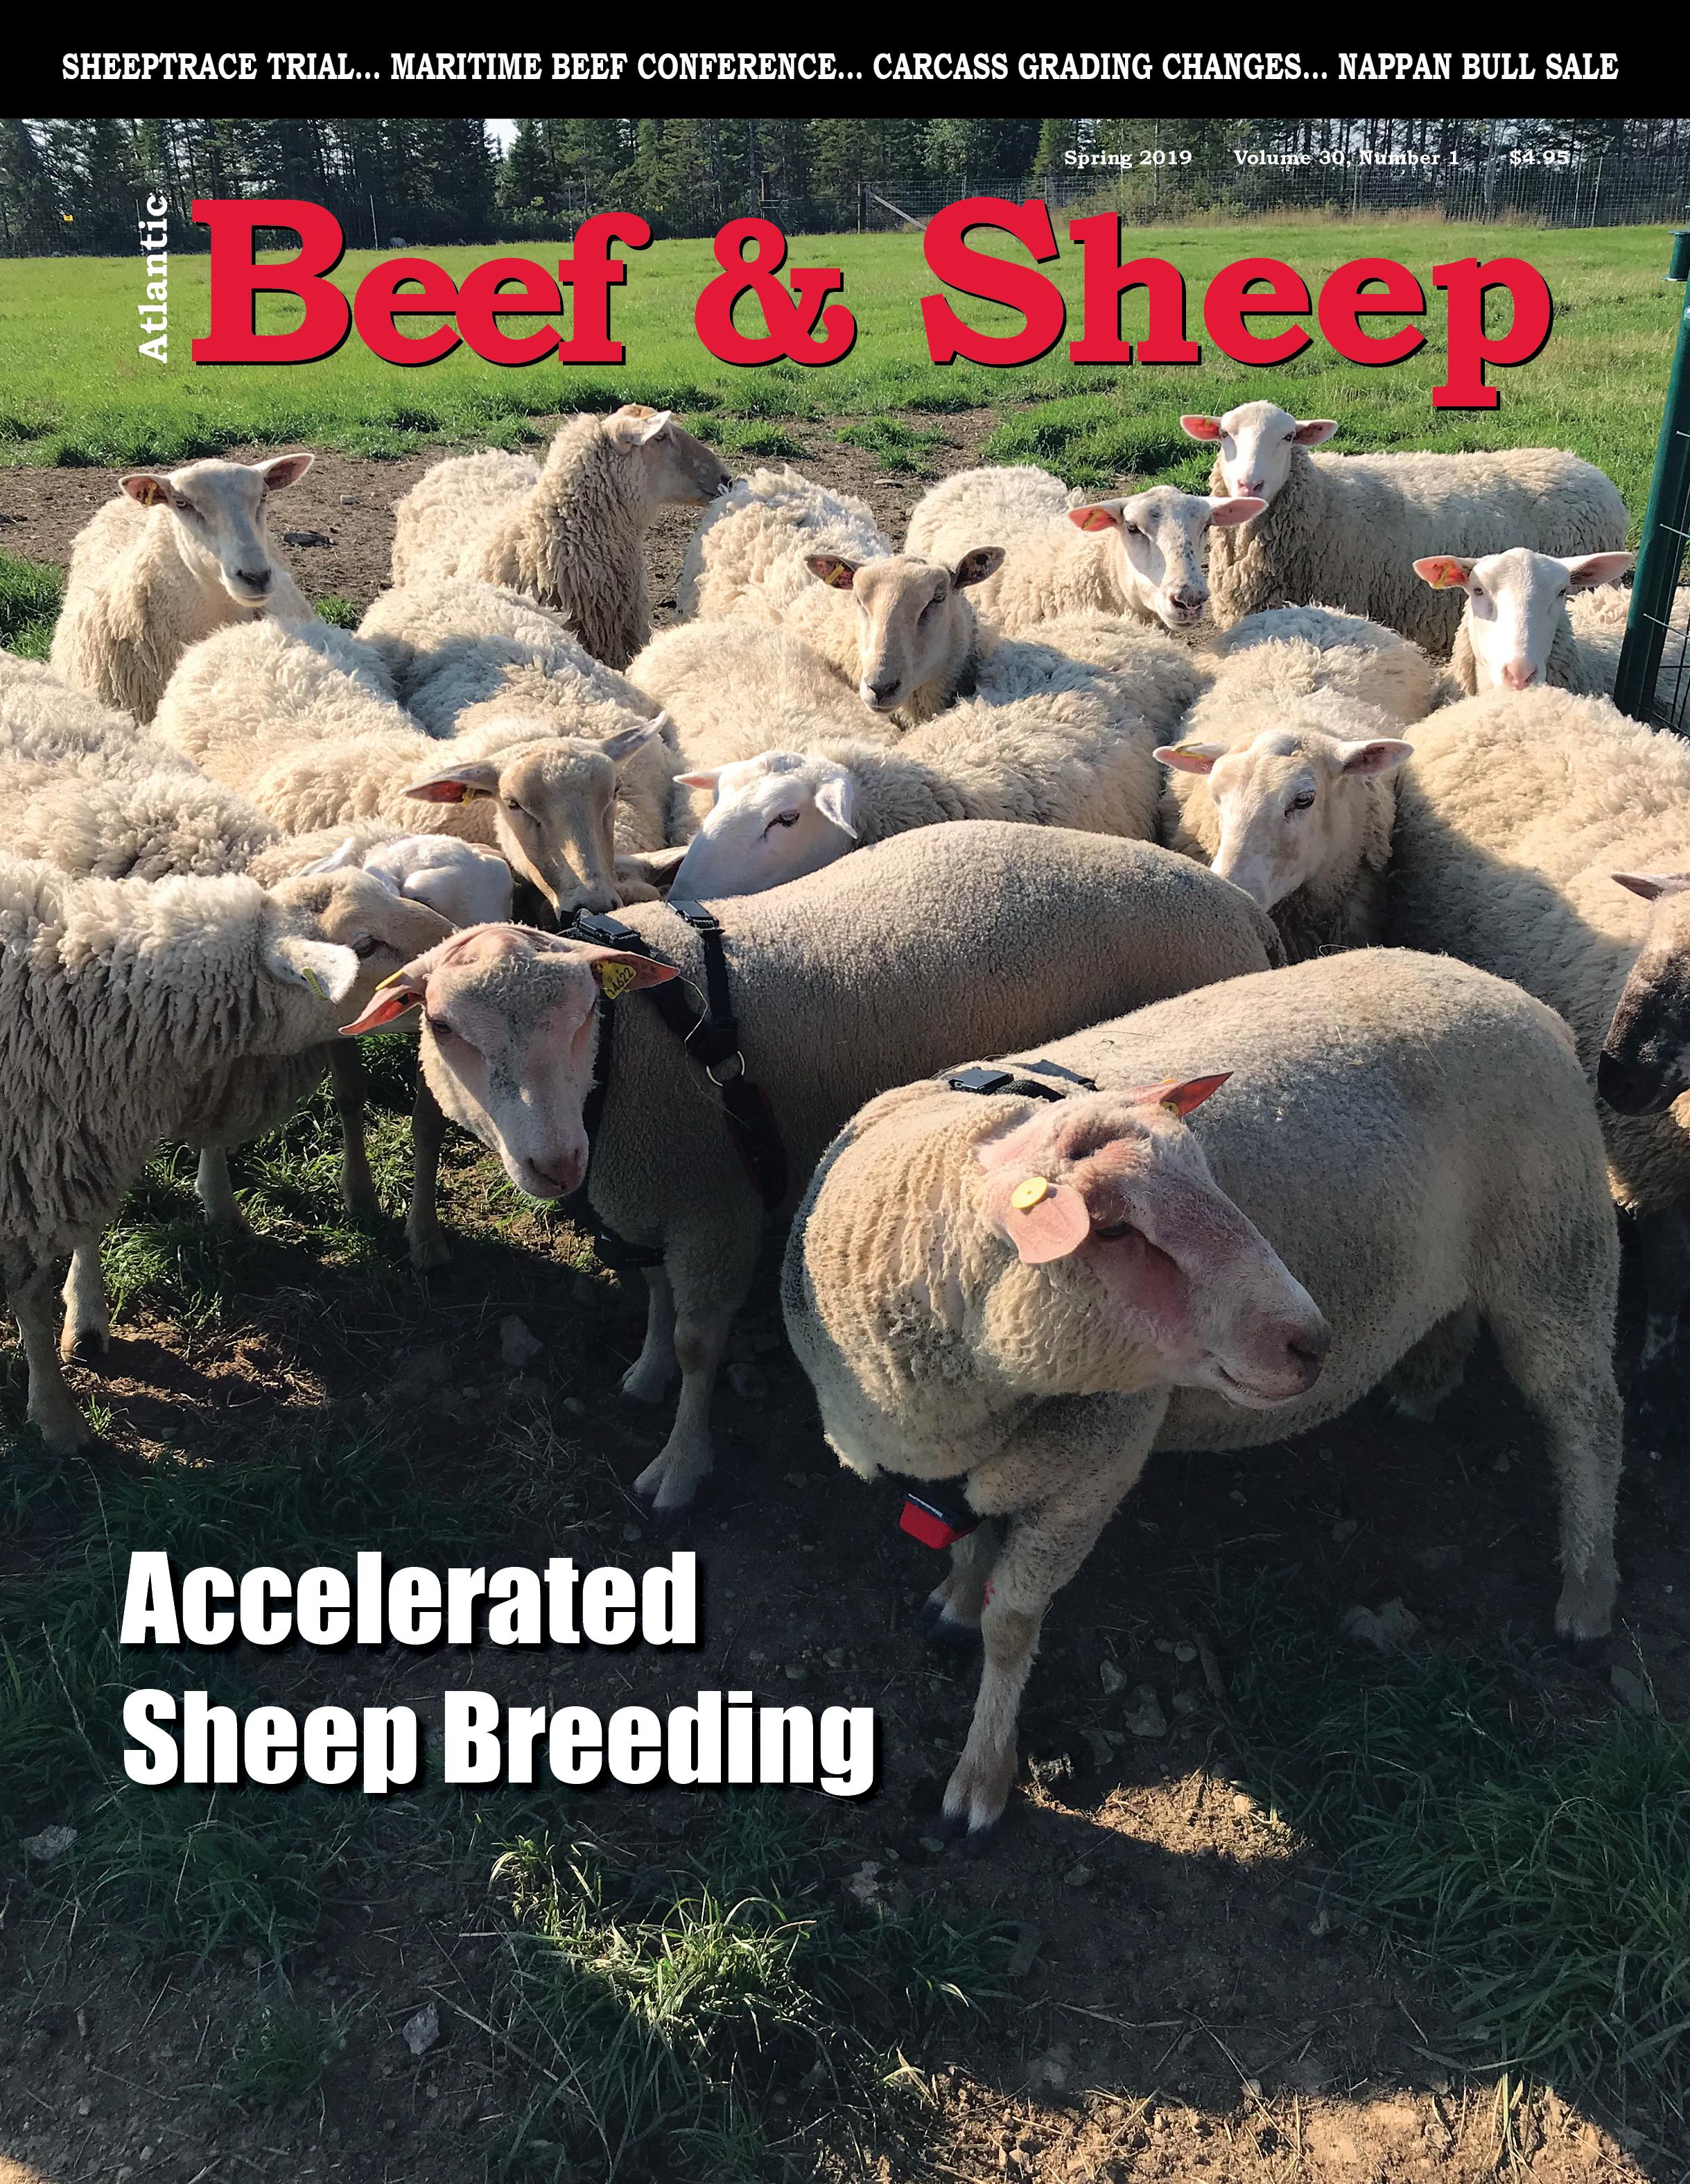 Atlantic Beef&Sheep Spring 2019.jpg